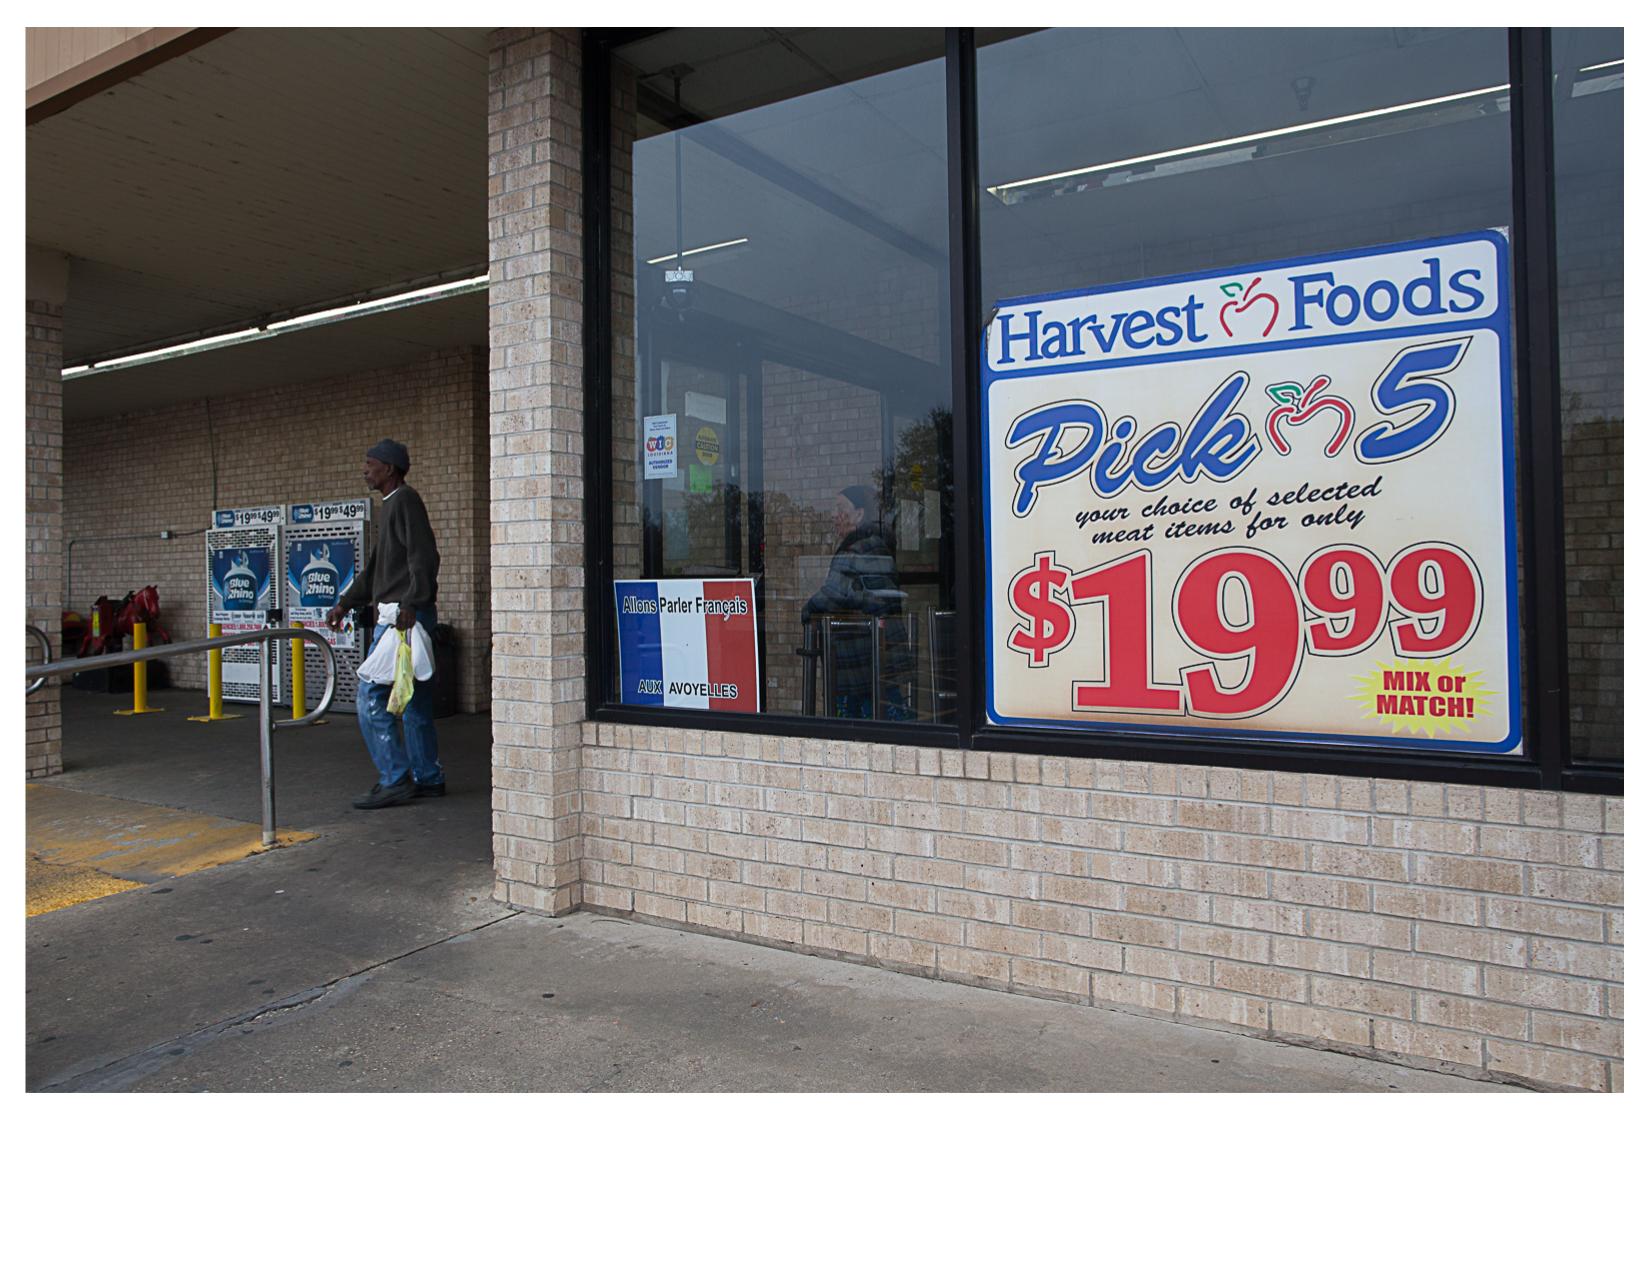 Let's Speak French, Harvest Foods, Marksville, LA